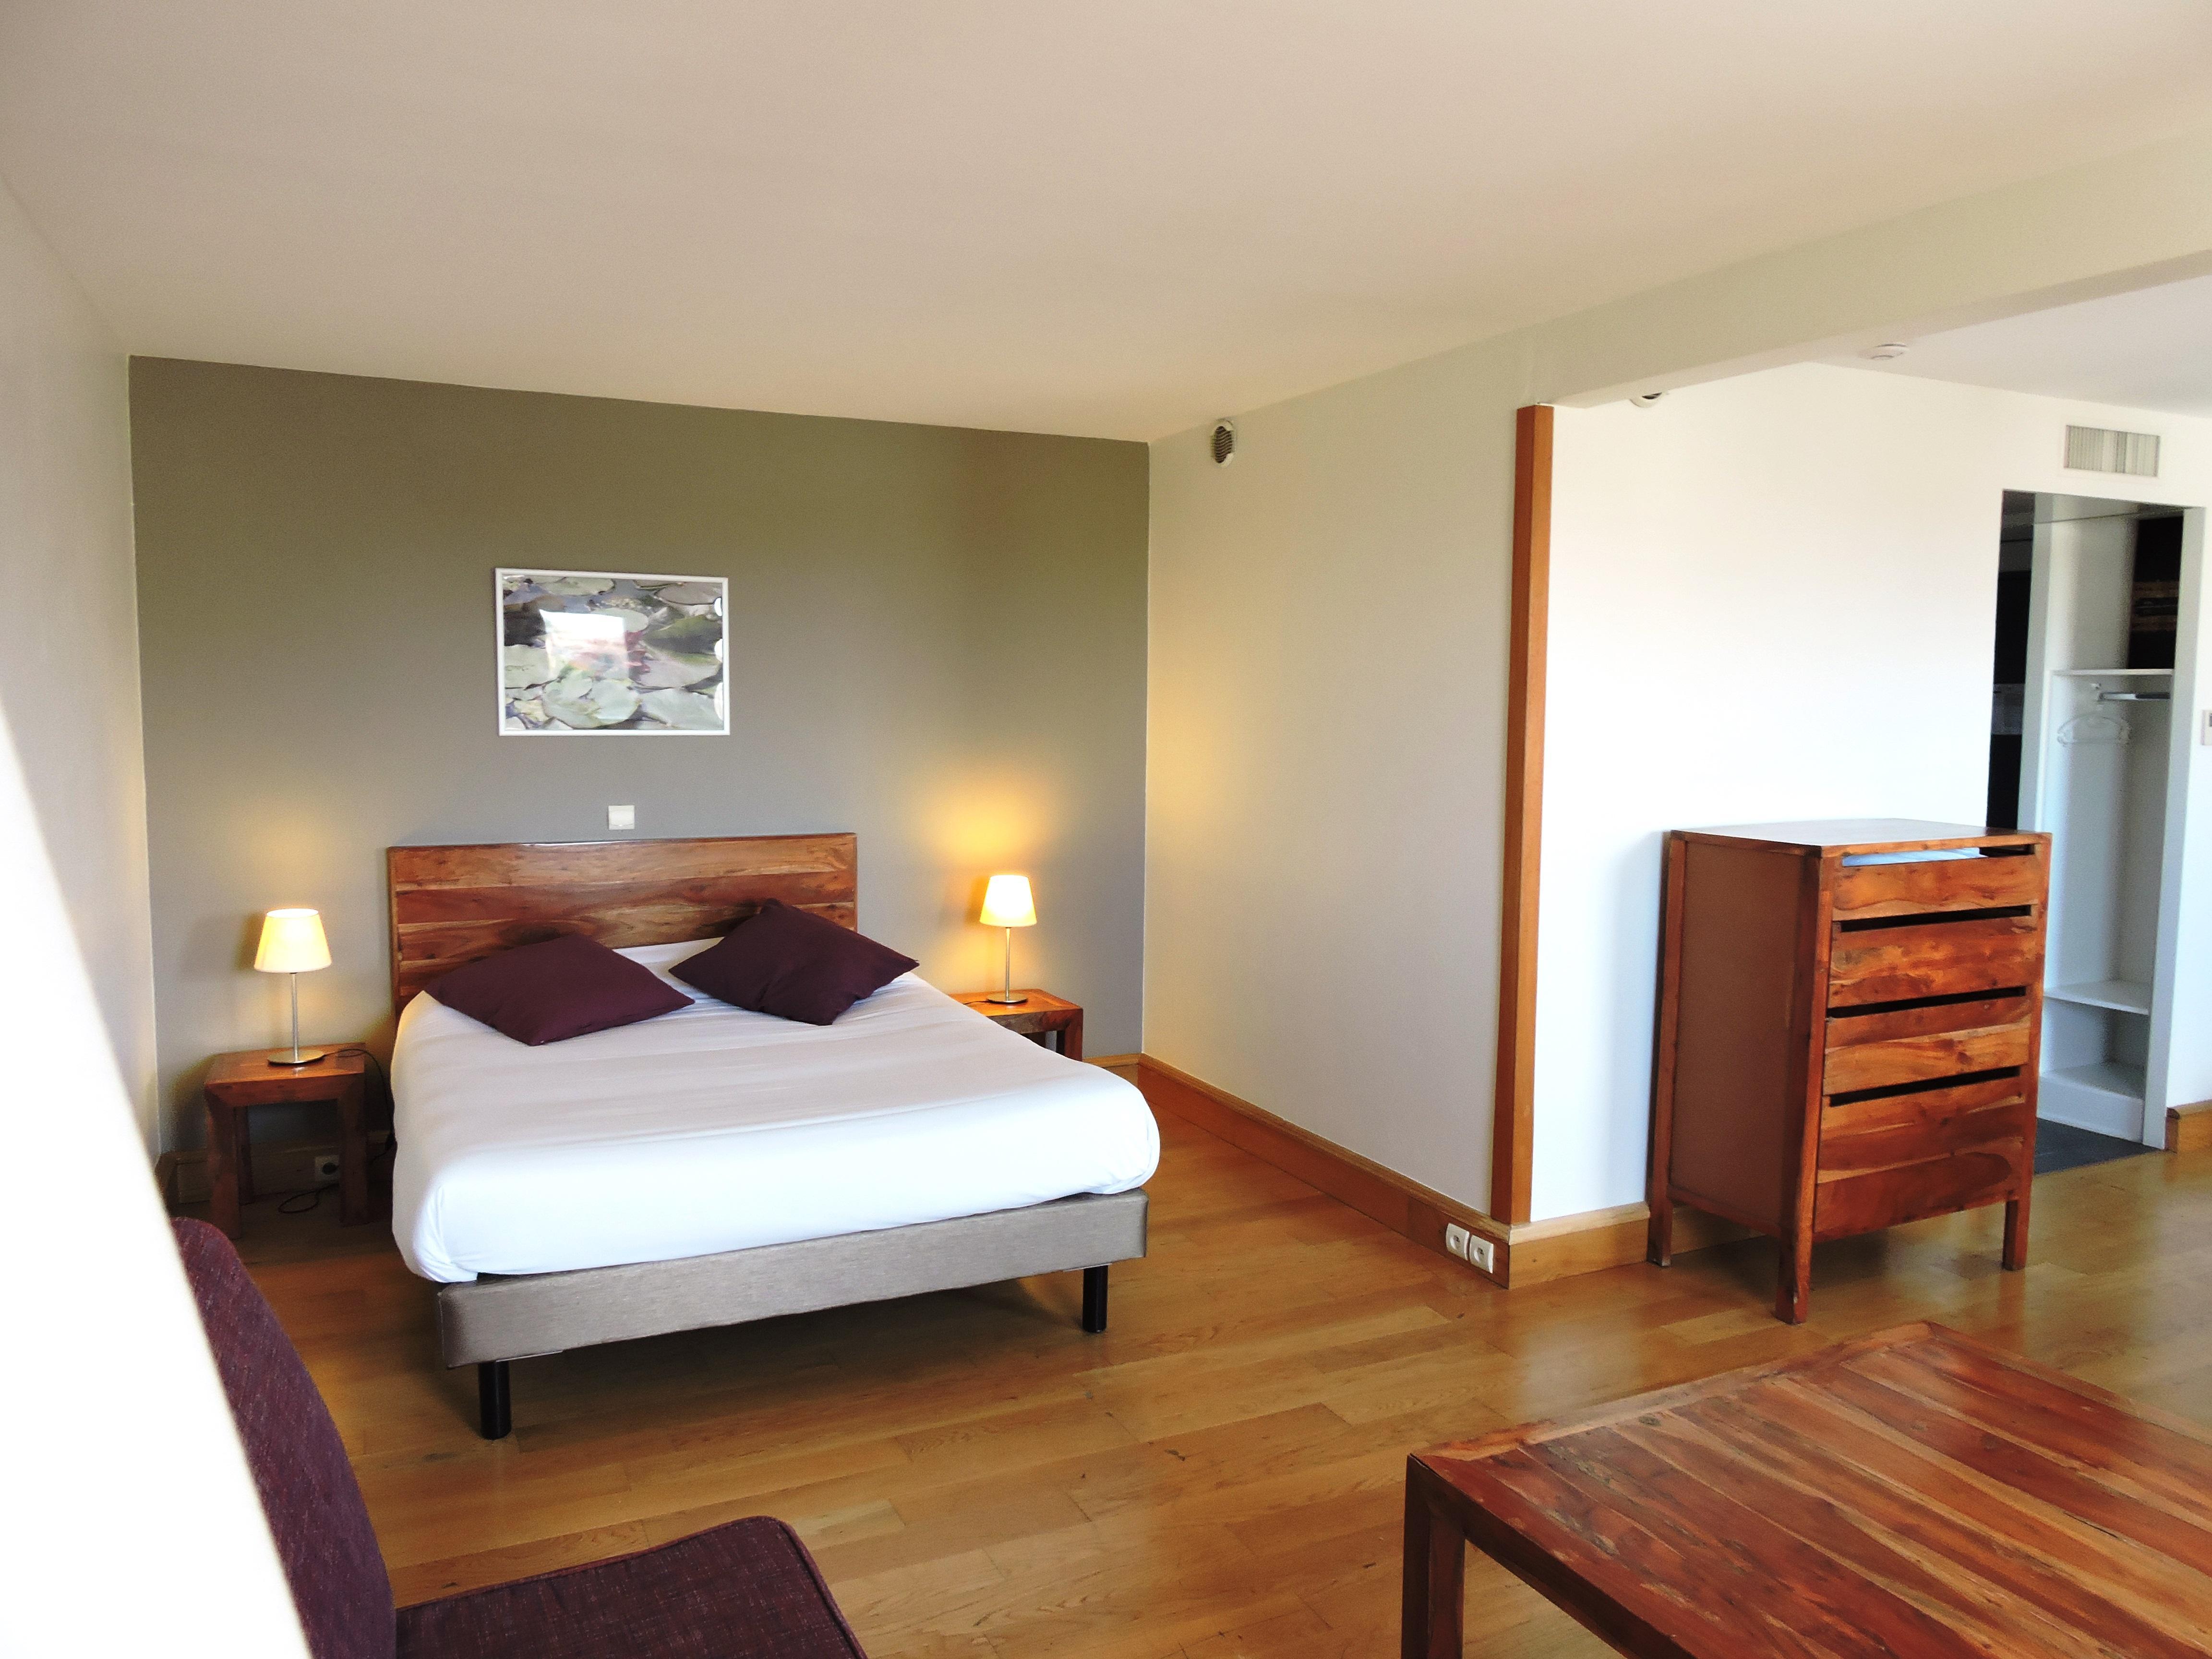 Studio en résidence tourisme/affaire géré par S.I.H.I à Bordeaux (lot 69)